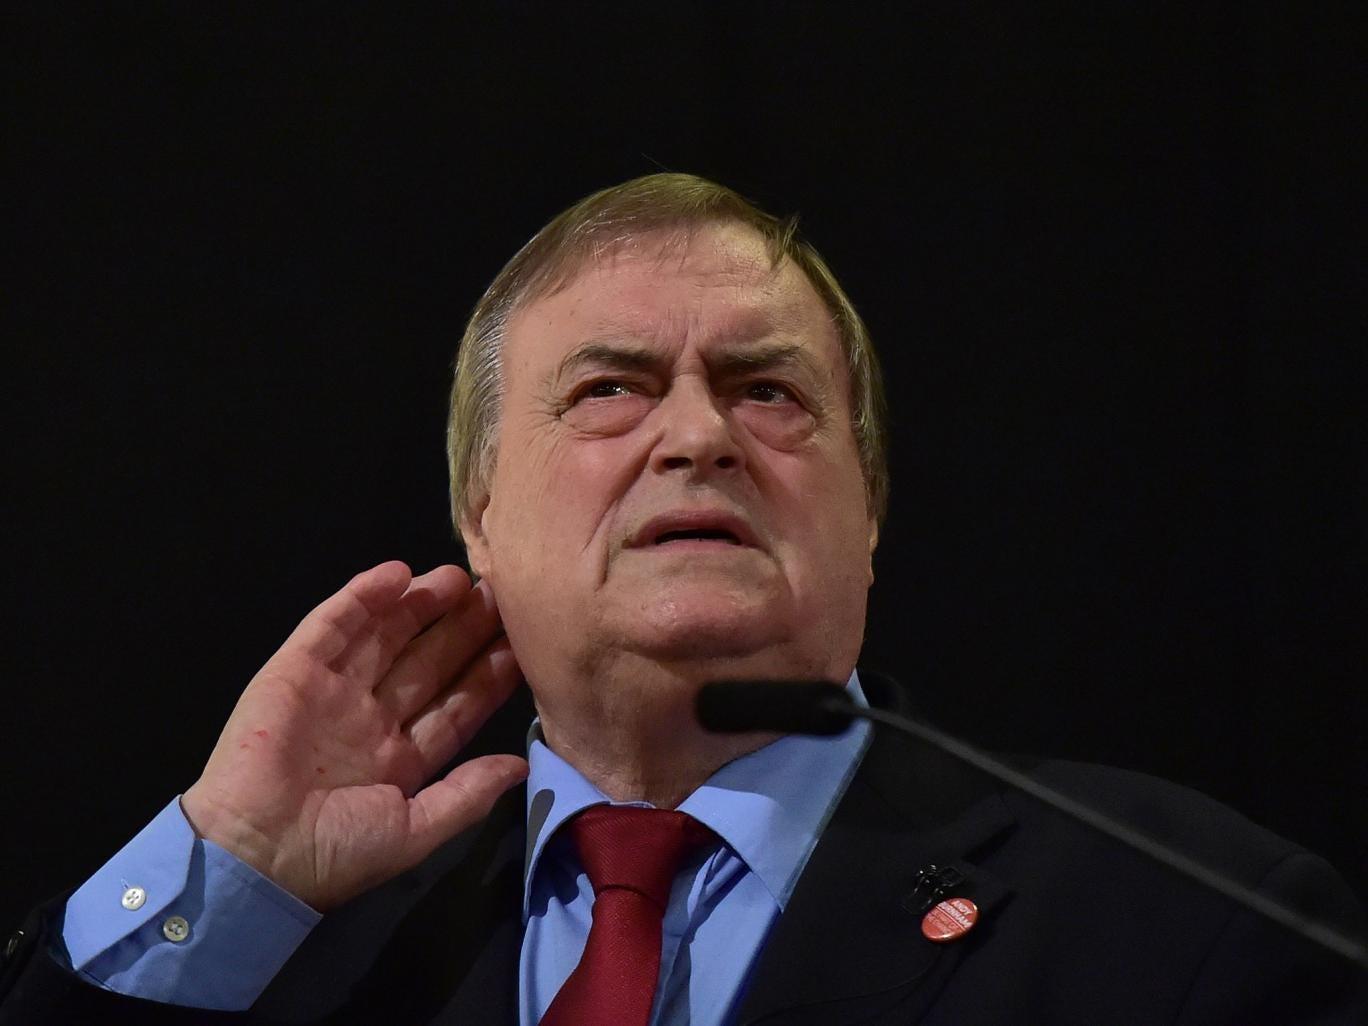 Former Labour Party deputy Prime Minister John Prescott